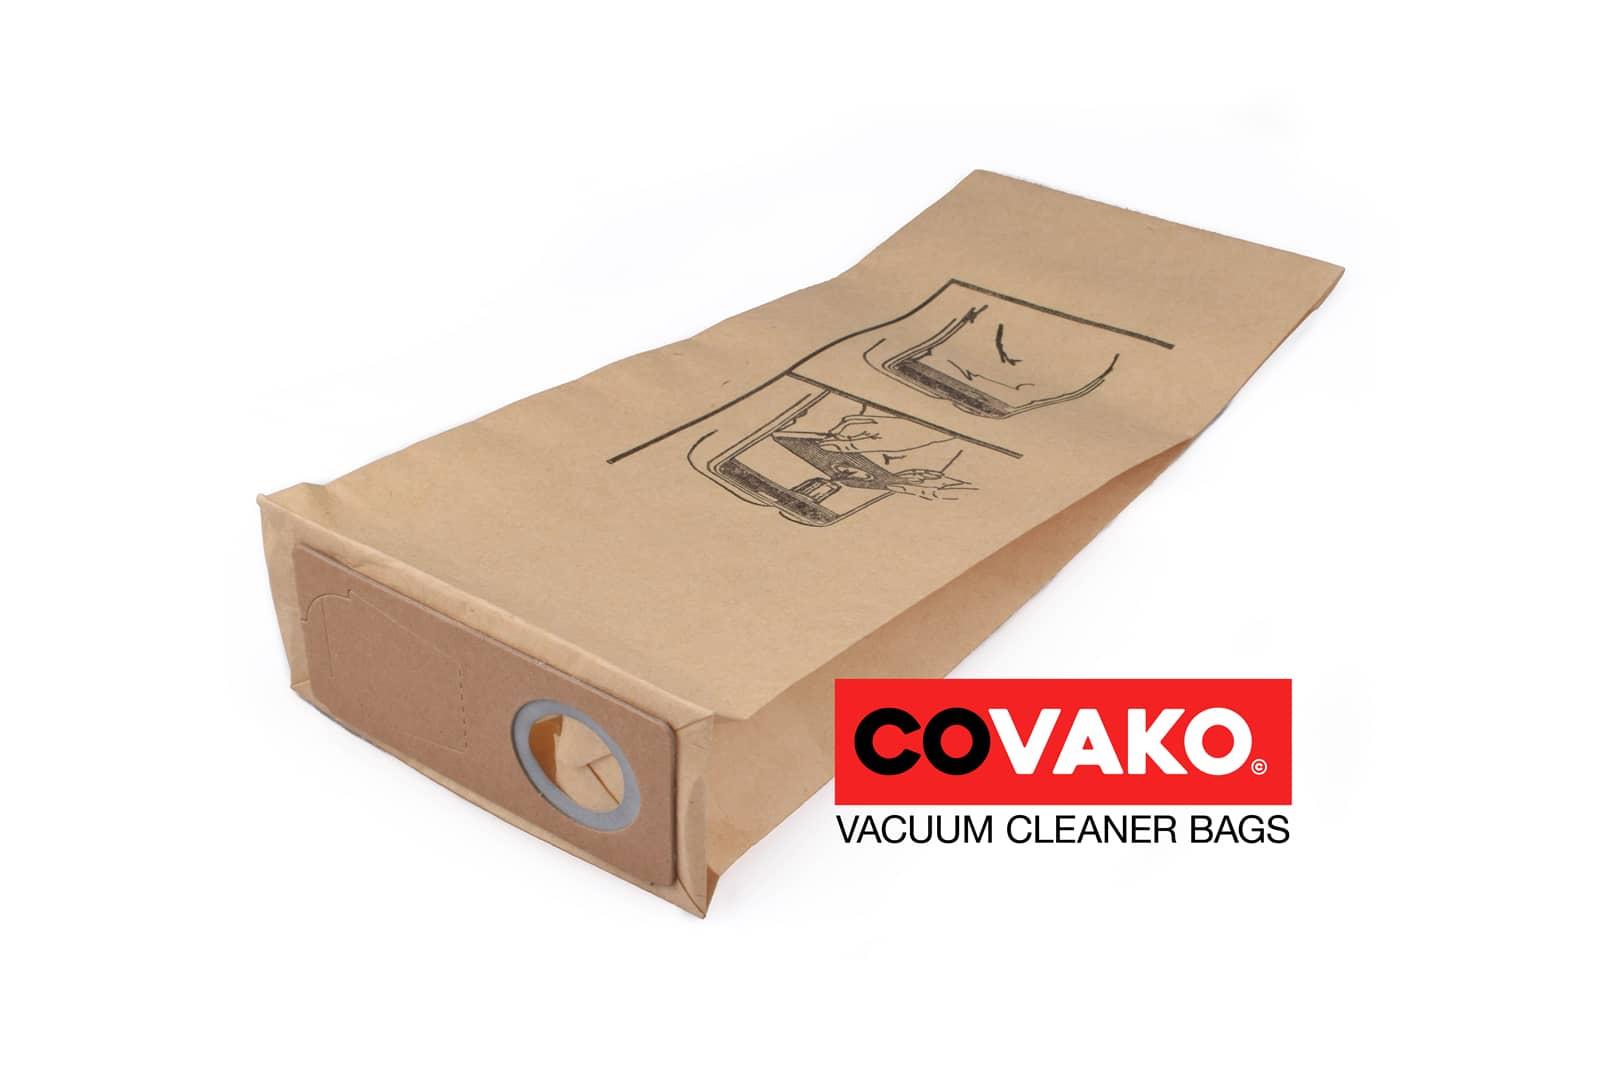 Alto GU 350 A / Paper - Alto vacuum cleaner bags